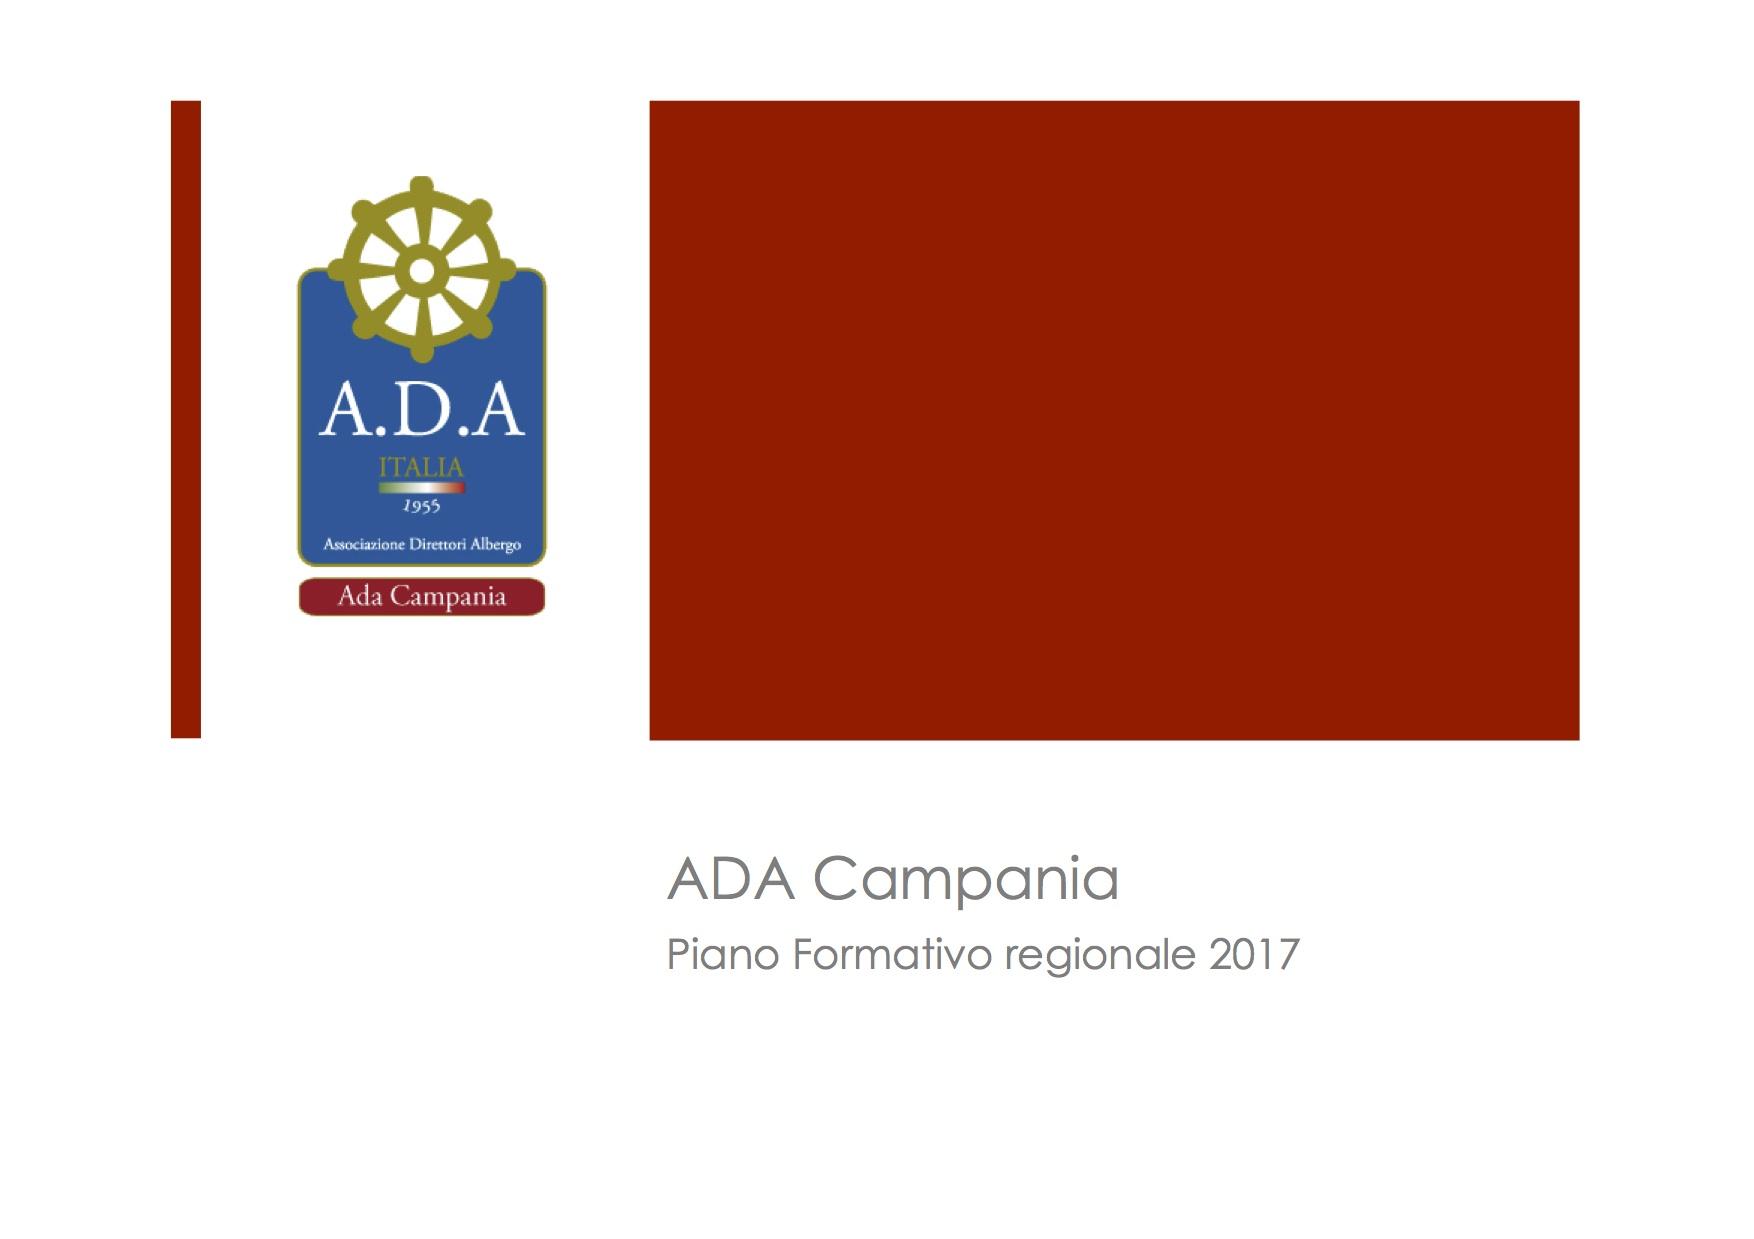 Piano Formativo Regionale 2017 – ADA Campania